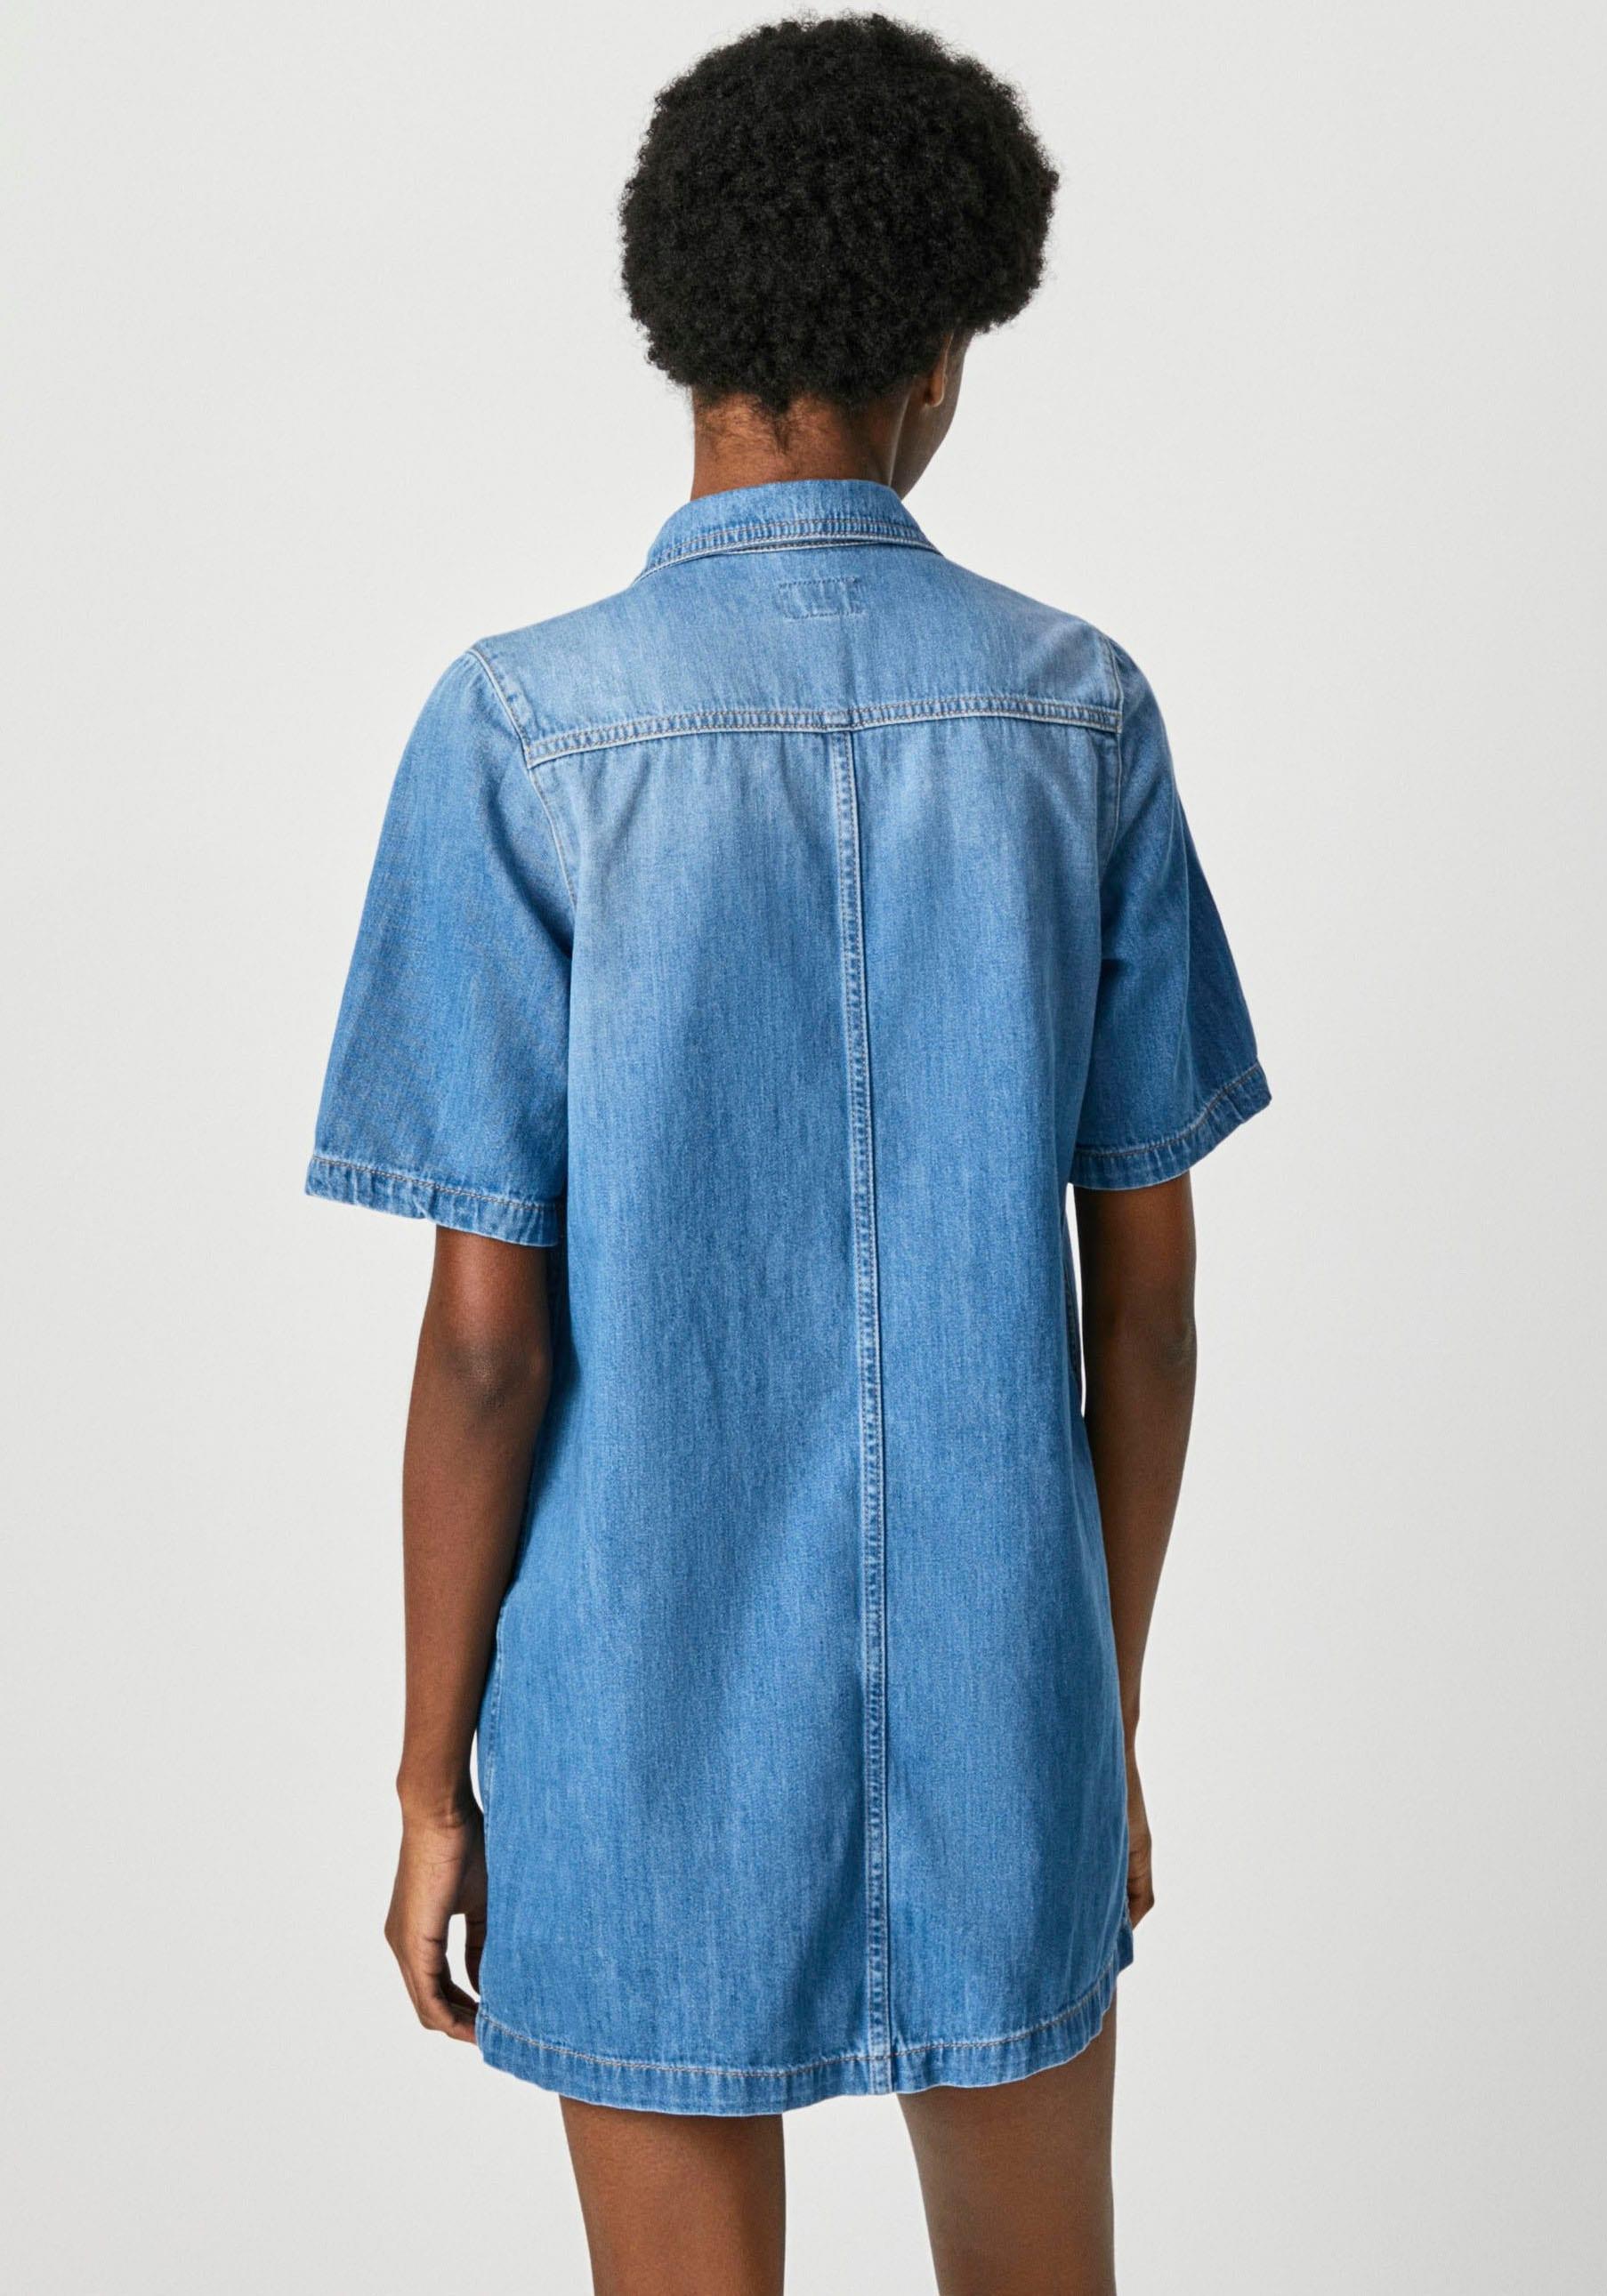 pepe jeans -  Jeanskleid HOLLY, mit kurzen A-Linien Ärmeln, kontrastfarbenen Nähten und Kentkragen in leichtem Denim